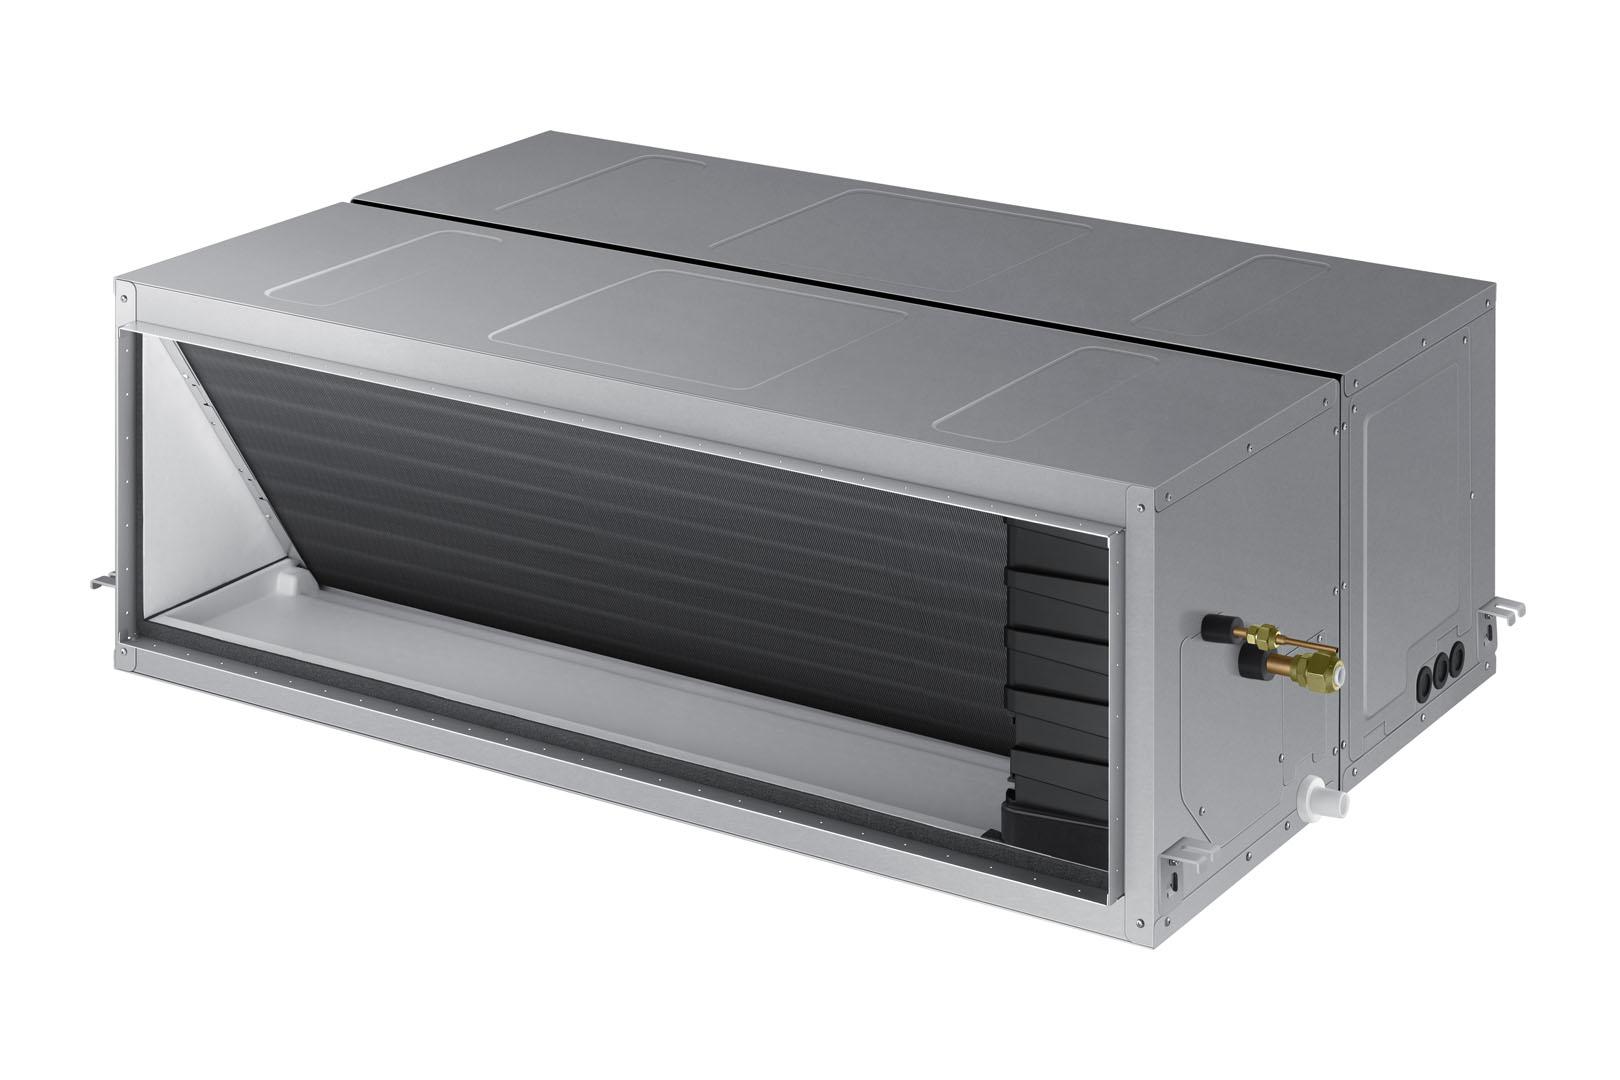 Samsung kanaalmodel warmtepomp airco voor utiliteit